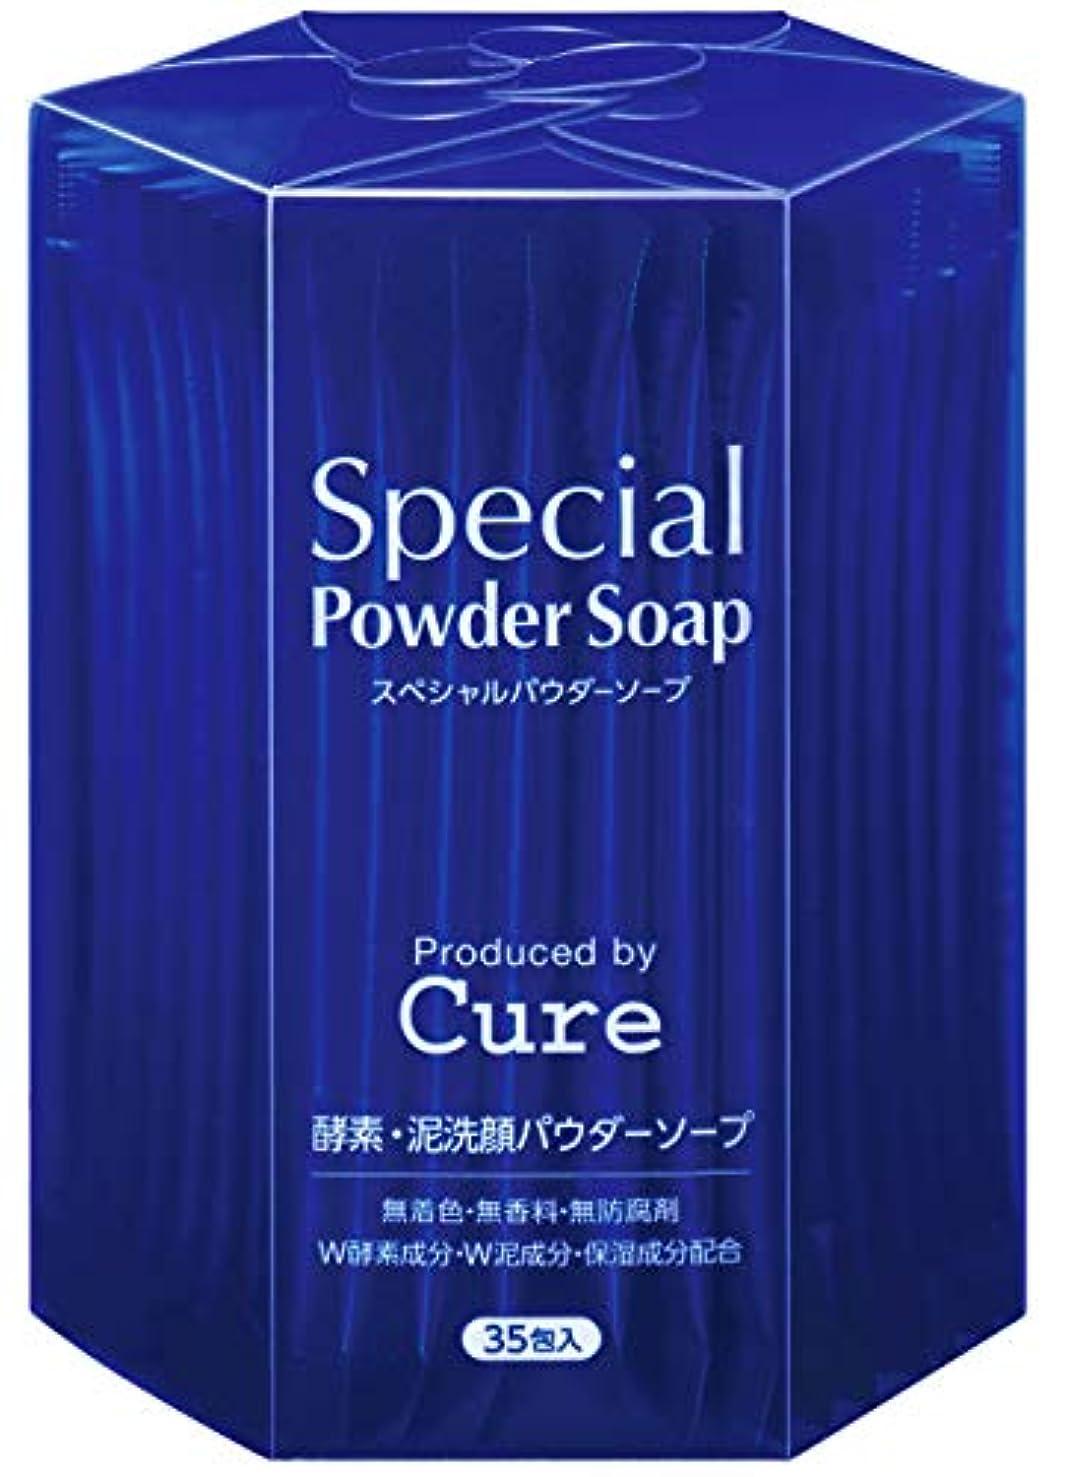 以上入口考えるCure(キュア) 酵素洗顔 Special Powder Soap Cure スペシャルパウダーソープキュア 0.6g×35包 g×35包